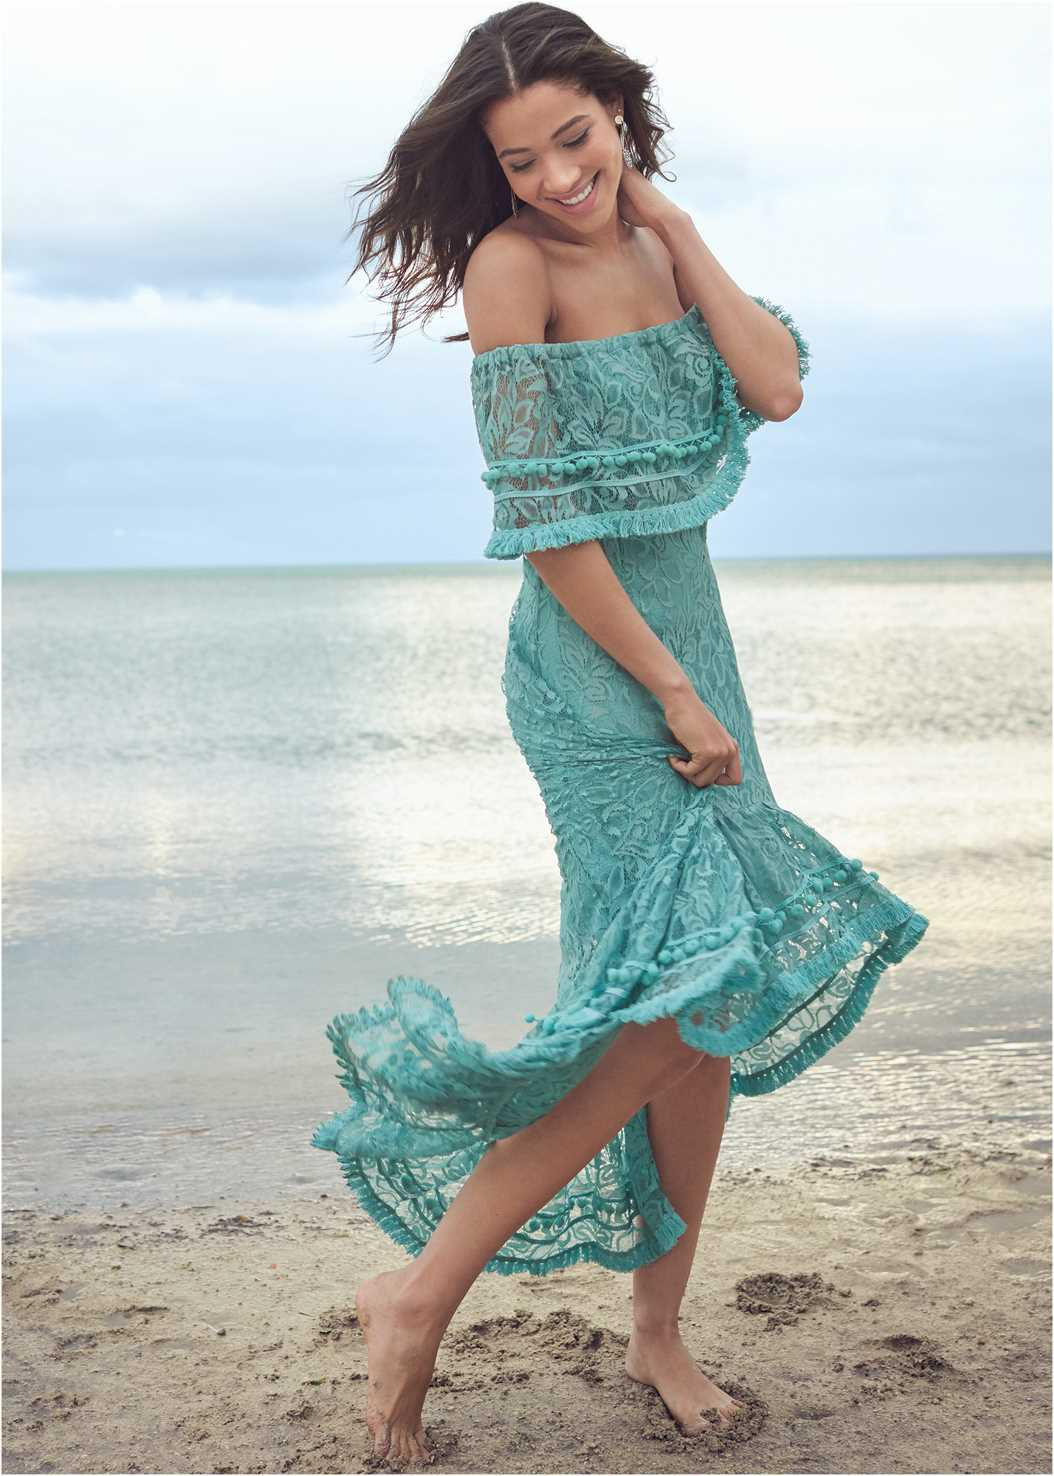 Off Shoulder Lace Maxi Dress,Multi Strap Ankle Wrap Heel,Tie Dye Tassel Earrings